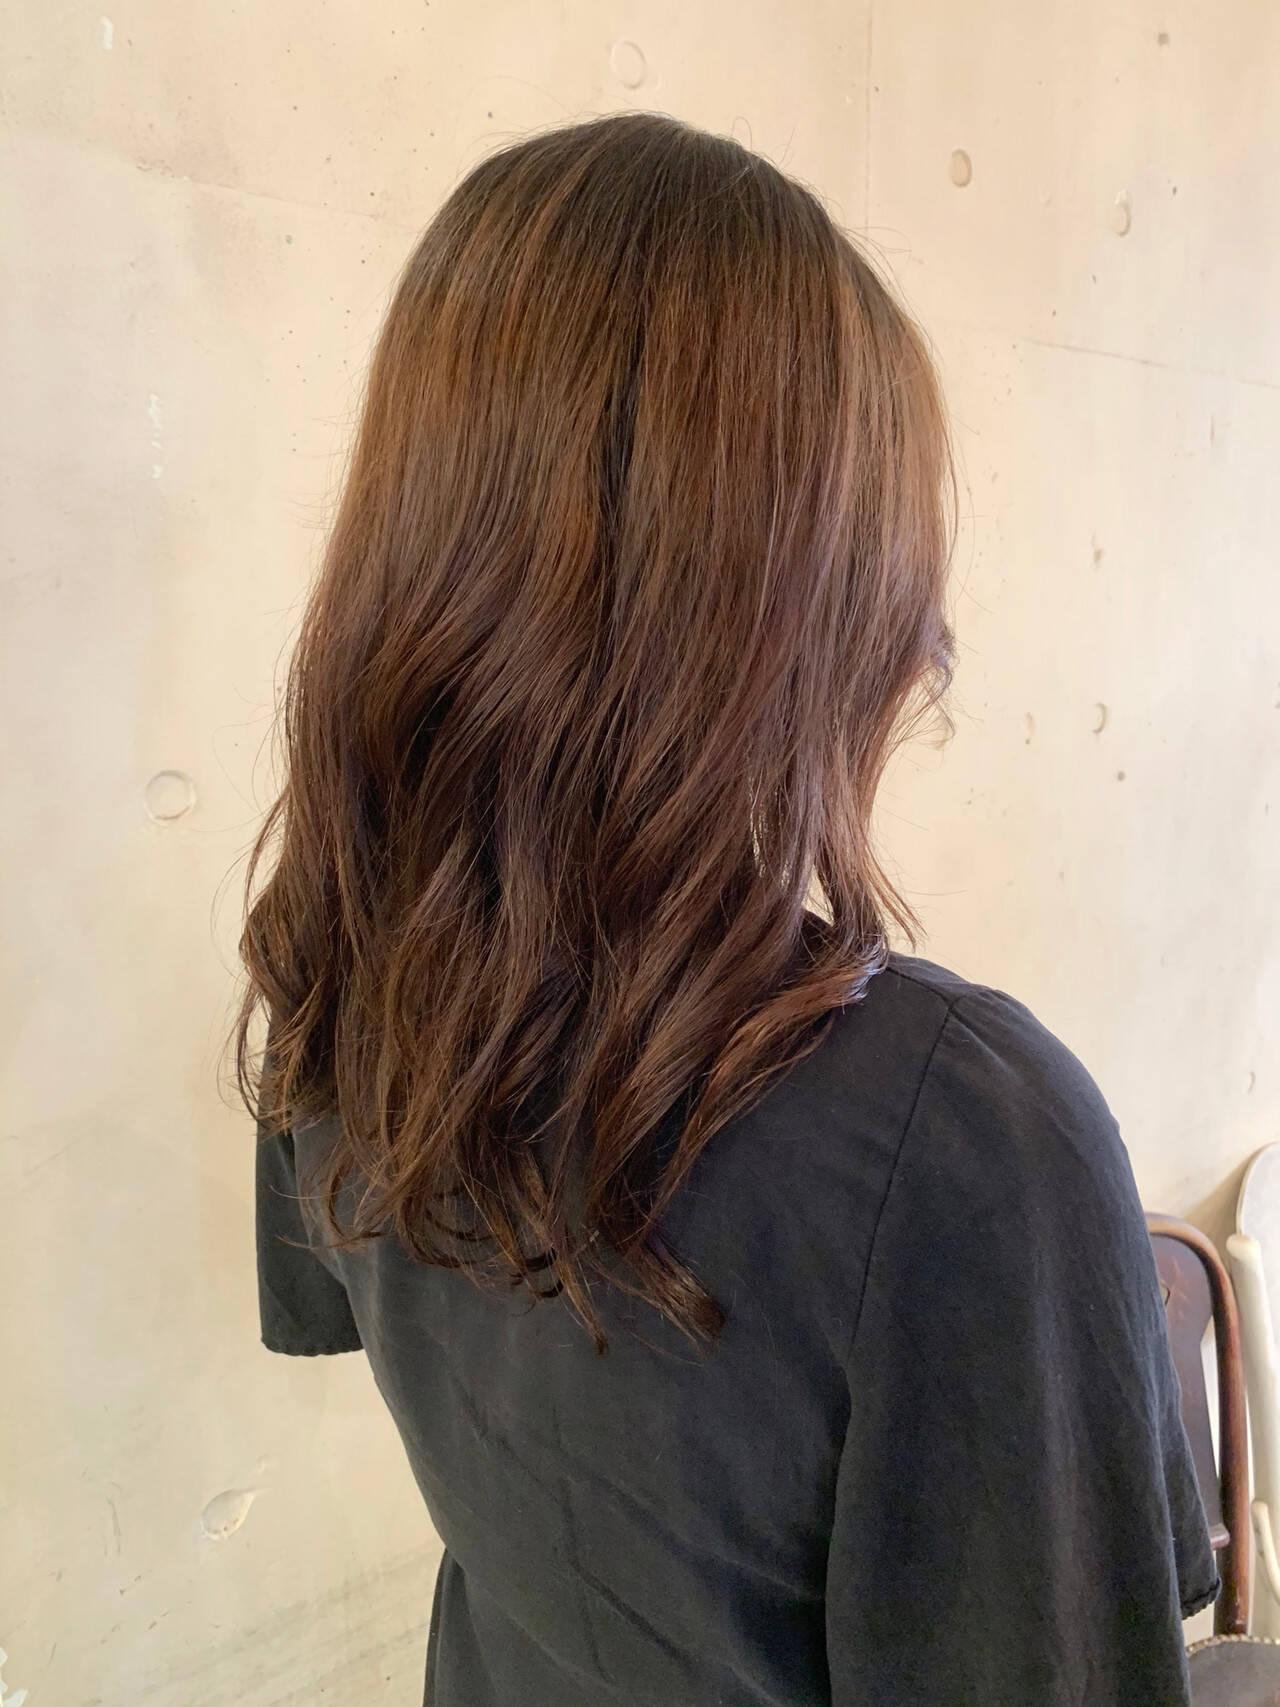 ゆるふわパーマ コテ巻き風パーマ レイヤーカット ナチュラルヘアスタイルや髪型の写真・画像